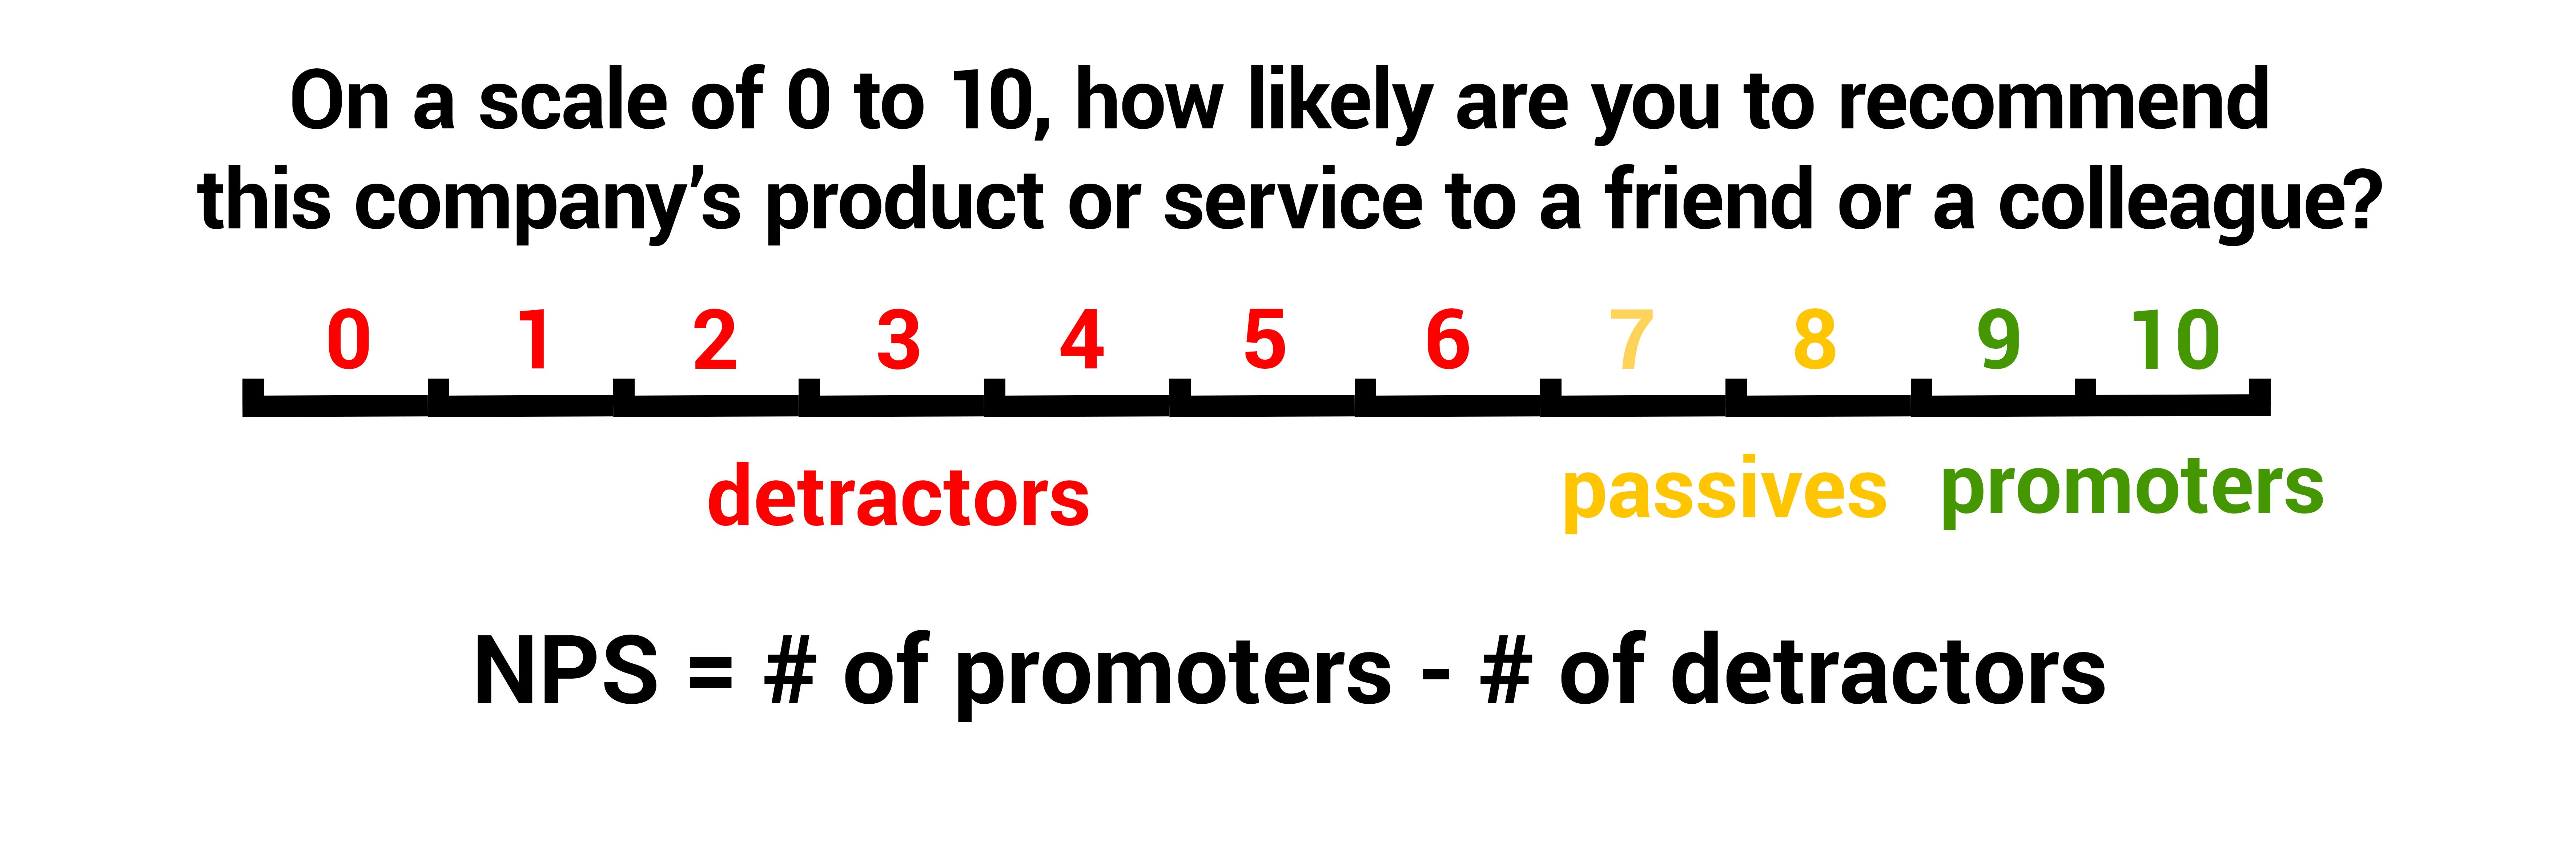 0-6 = detractors. 7-8 = passives. 9-10 = promoters. NPS= # of promoters - # of detractors